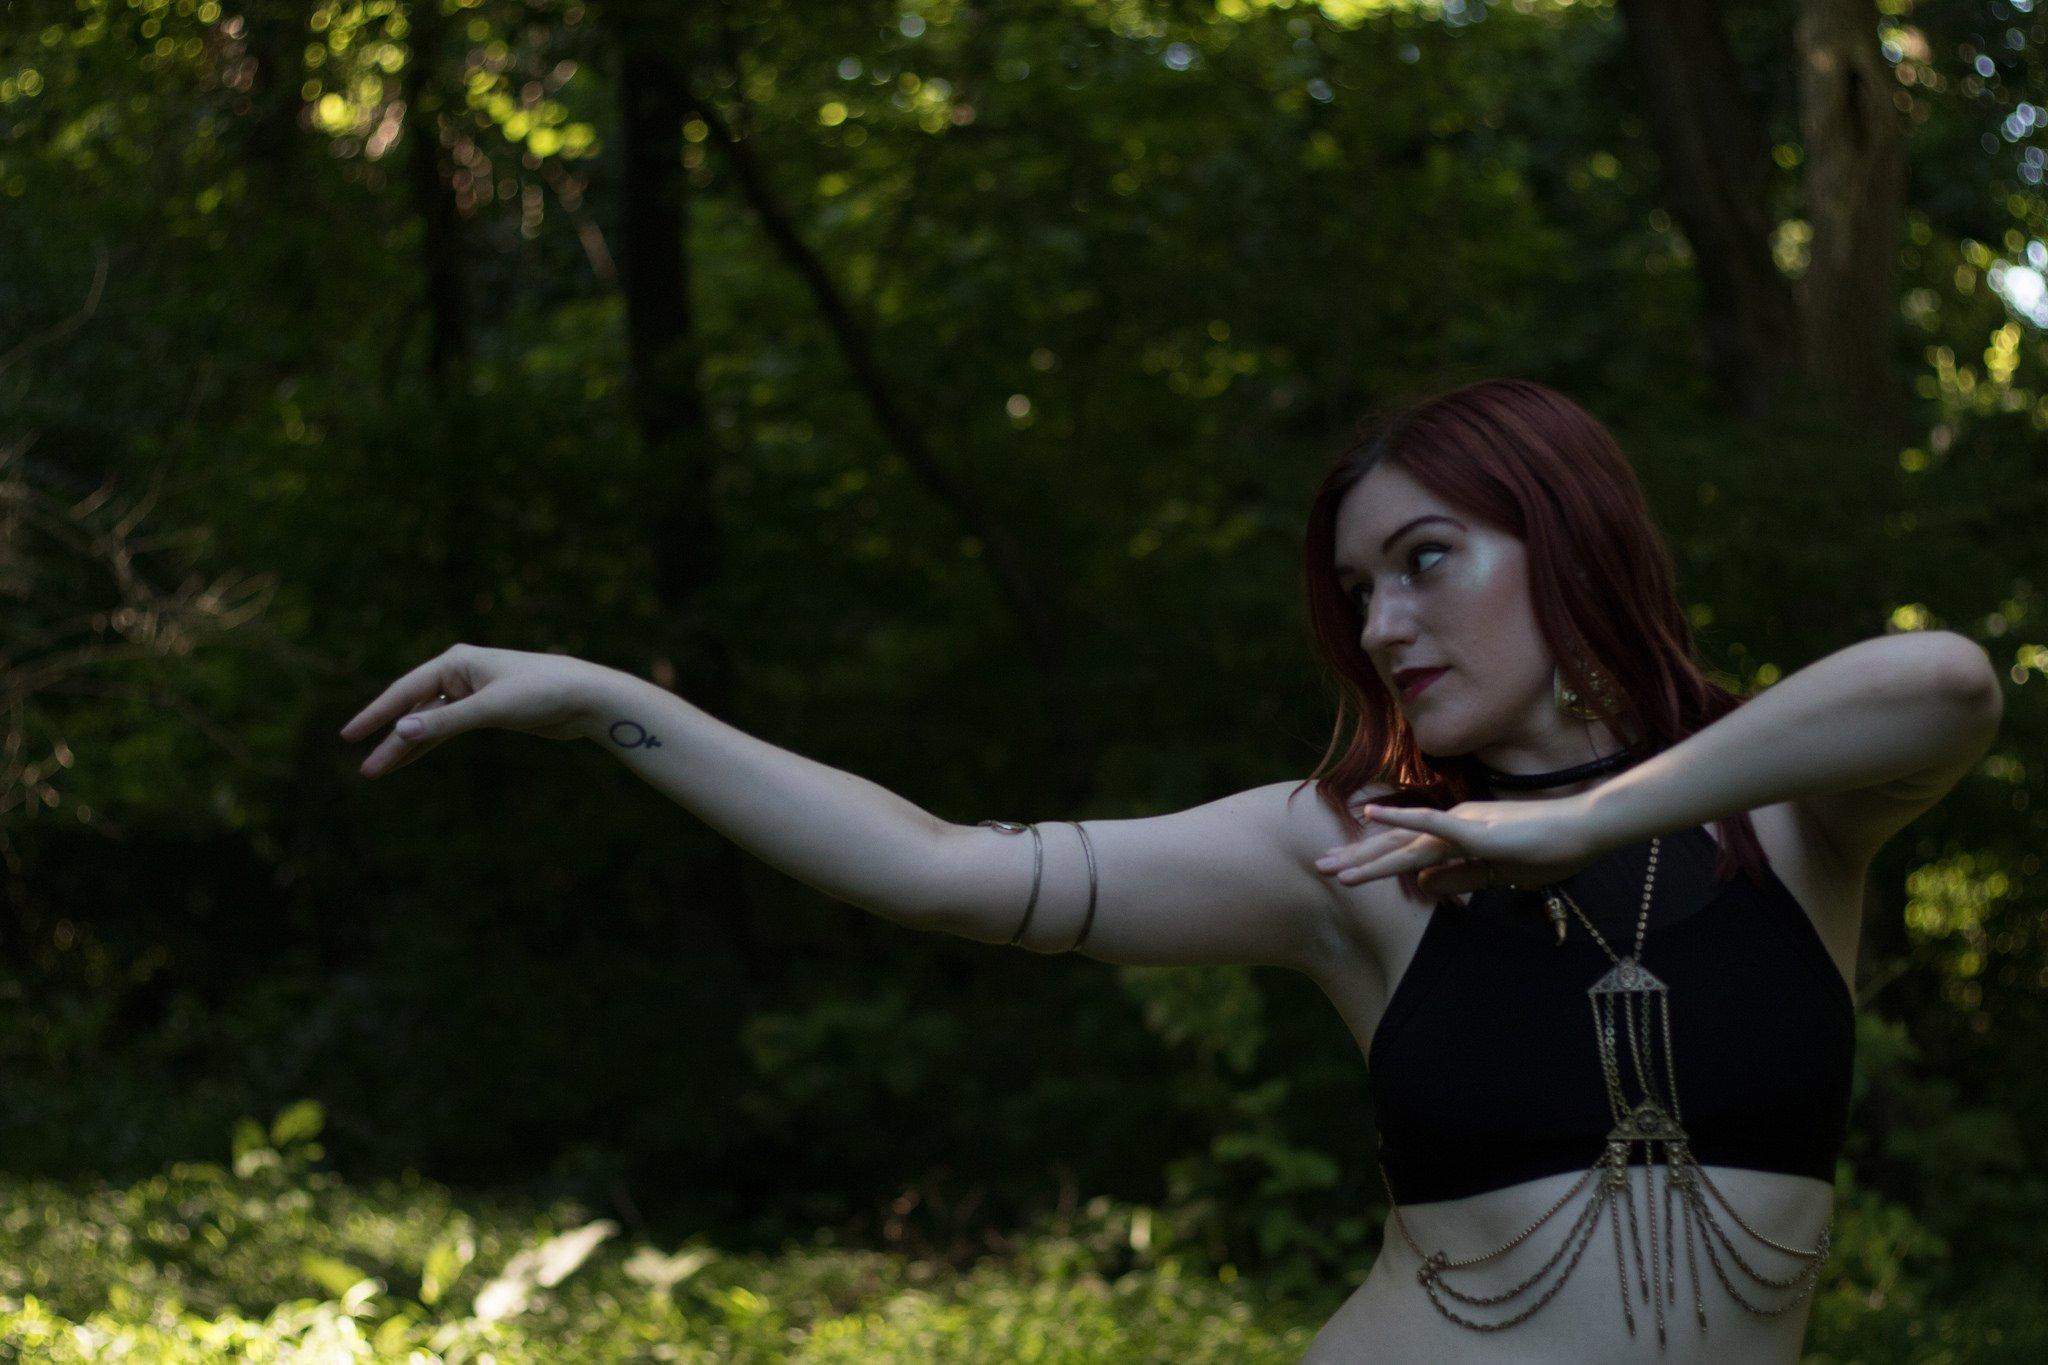 Aliceanna (photo by Kate Kotoski)